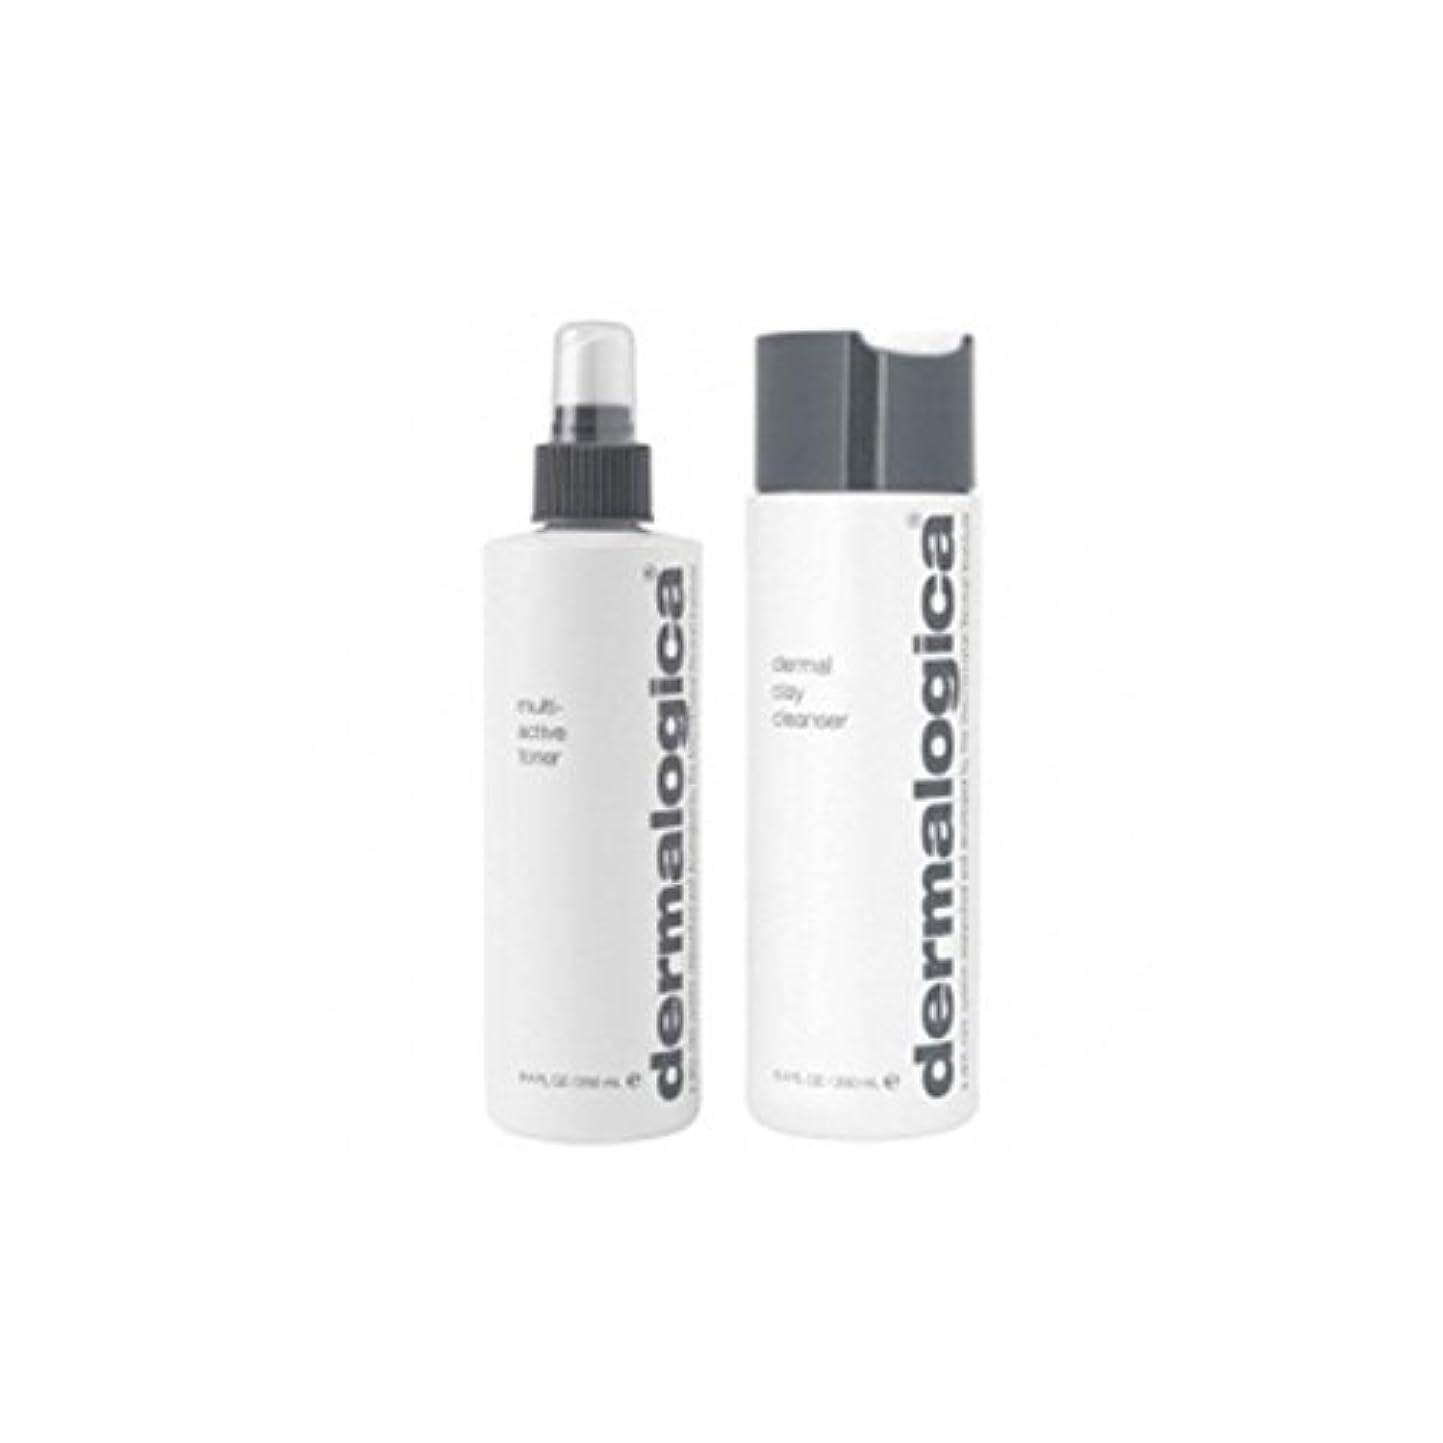 髄尊敬するカップダーマロジカクレンジング&トーンデュオ - 脂性肌(2製品) x2 - Dermalogica Cleanse & Tone Duo - Oily Skin (2 Products) (Pack of 2) [並行輸入品]